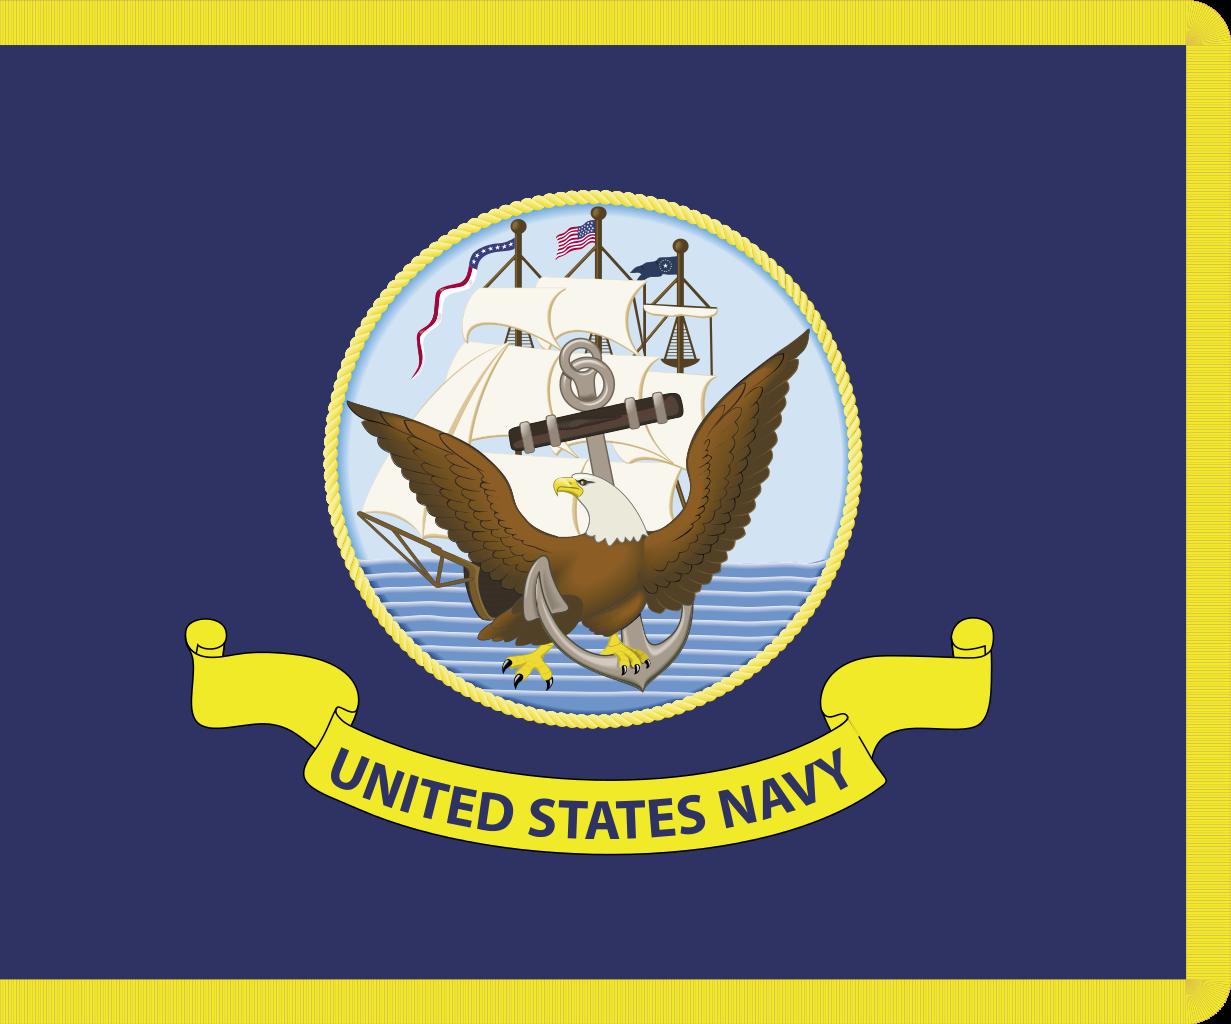 アメリカ海軍